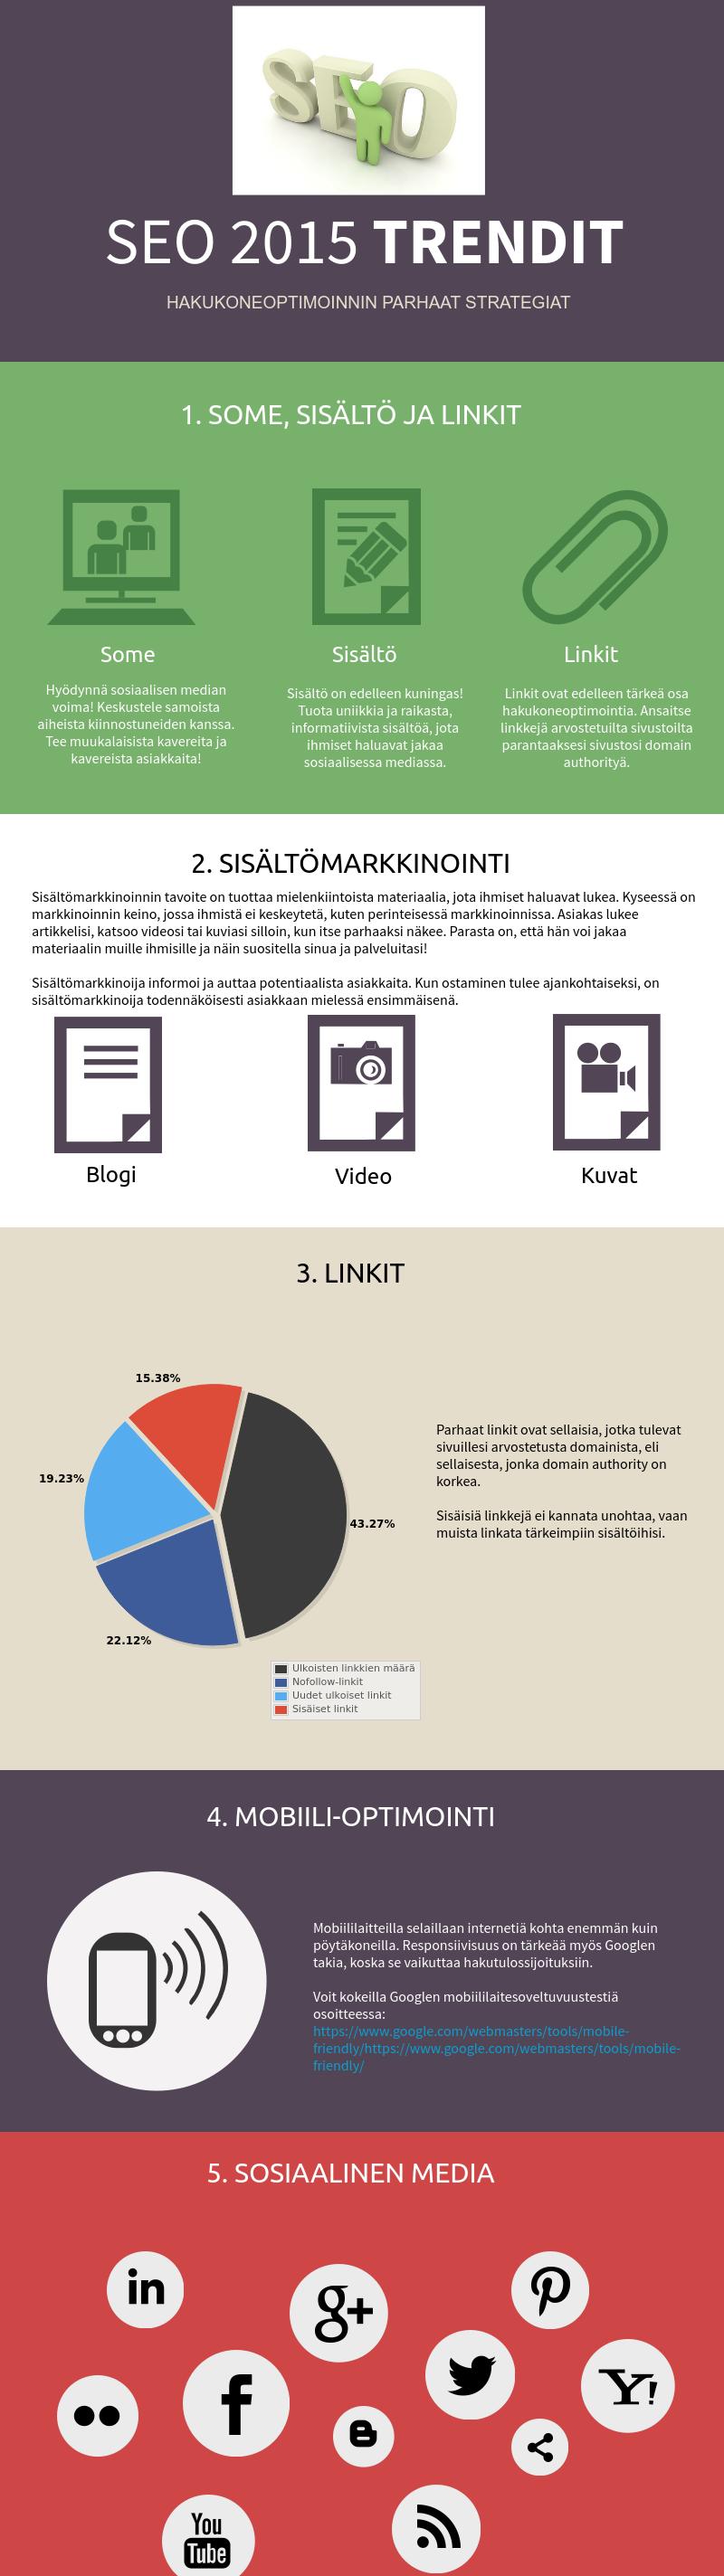 Hakukoneoptimointi vuonna 2015. #SEO #Sisältömarkkinointi #SosiaalinenMedia